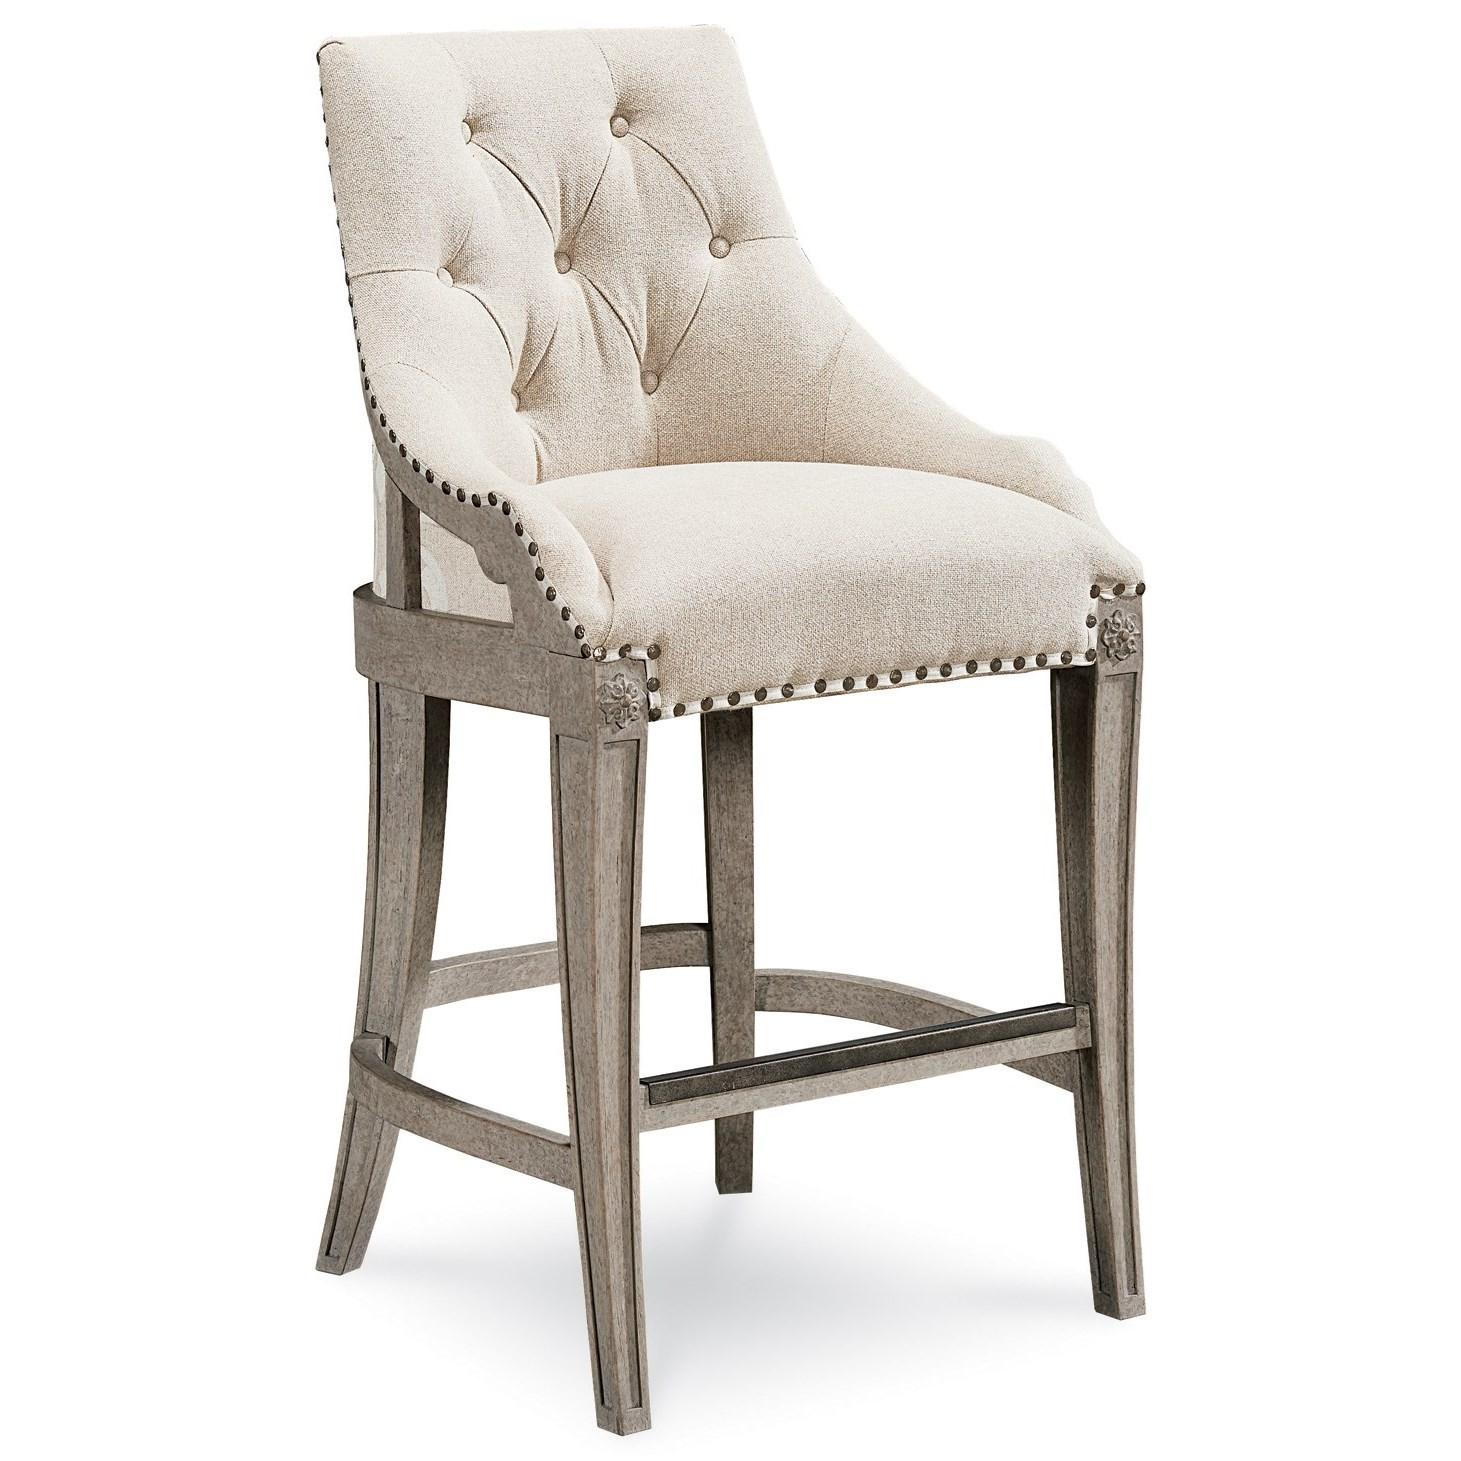 Reeves Bar Chair